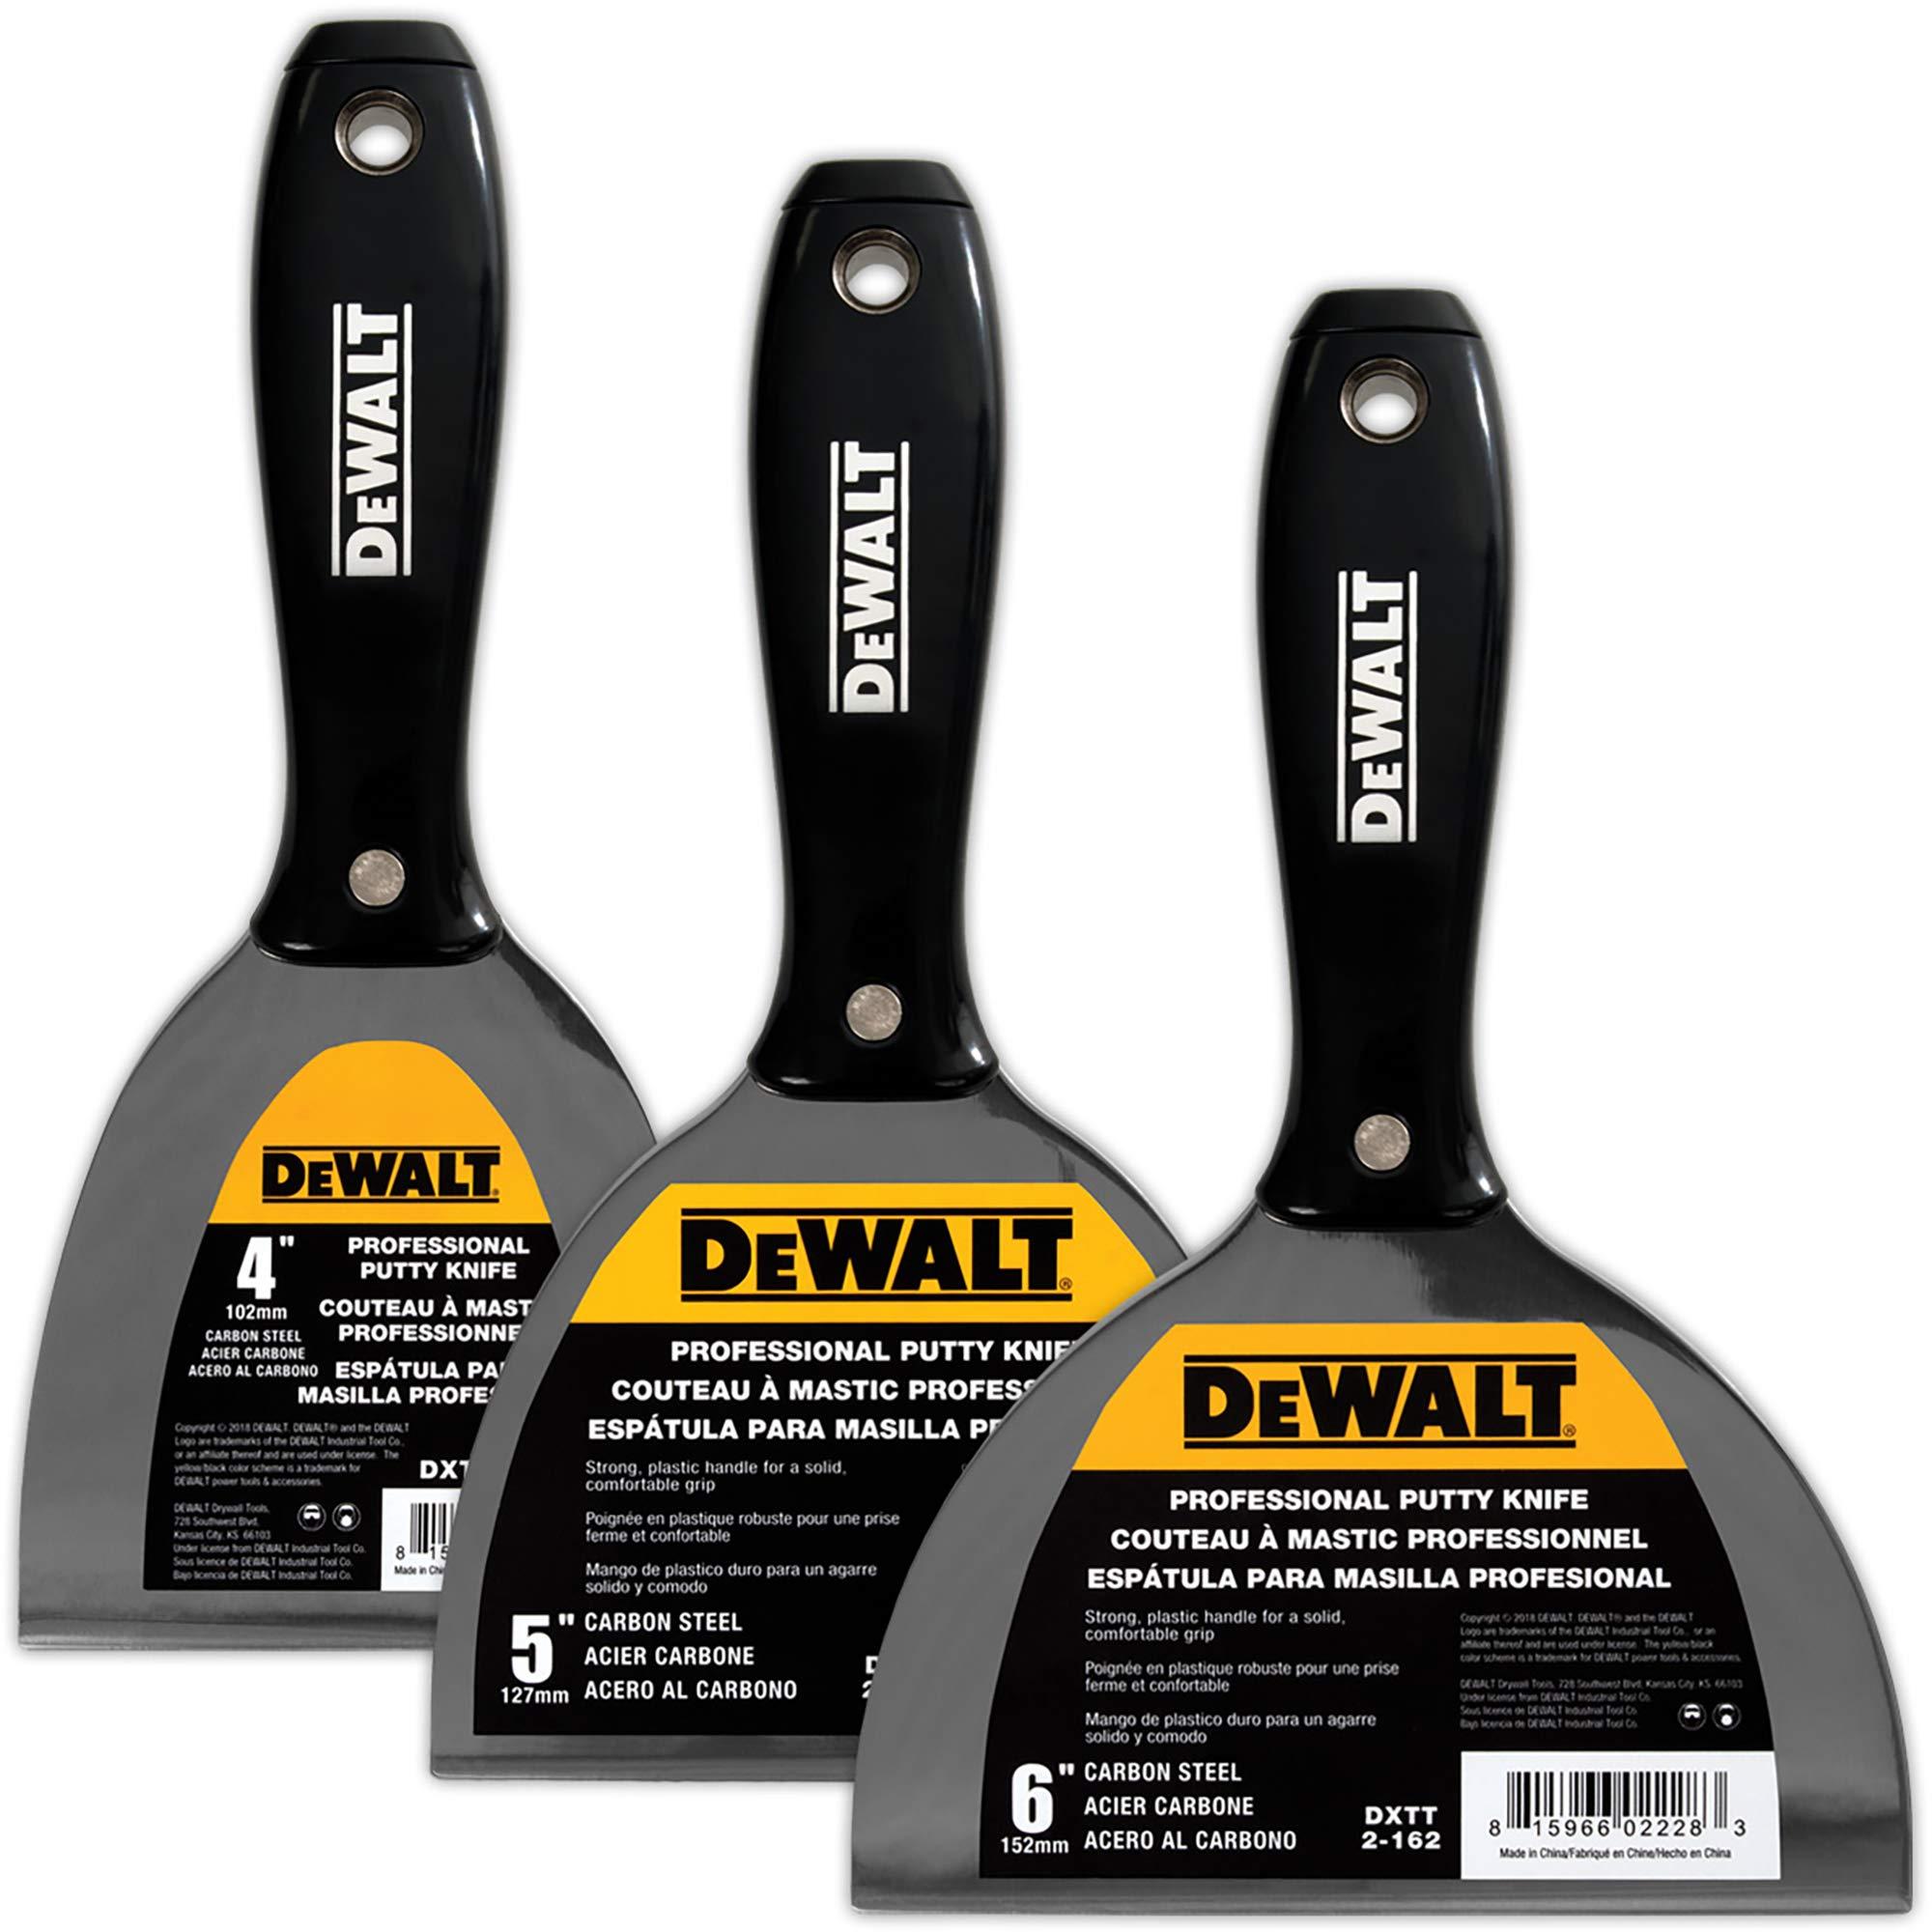 DEWALT Carbon Steel Putty Knife 3-Pack | 4/5/6-Inches | DXTT-3-160